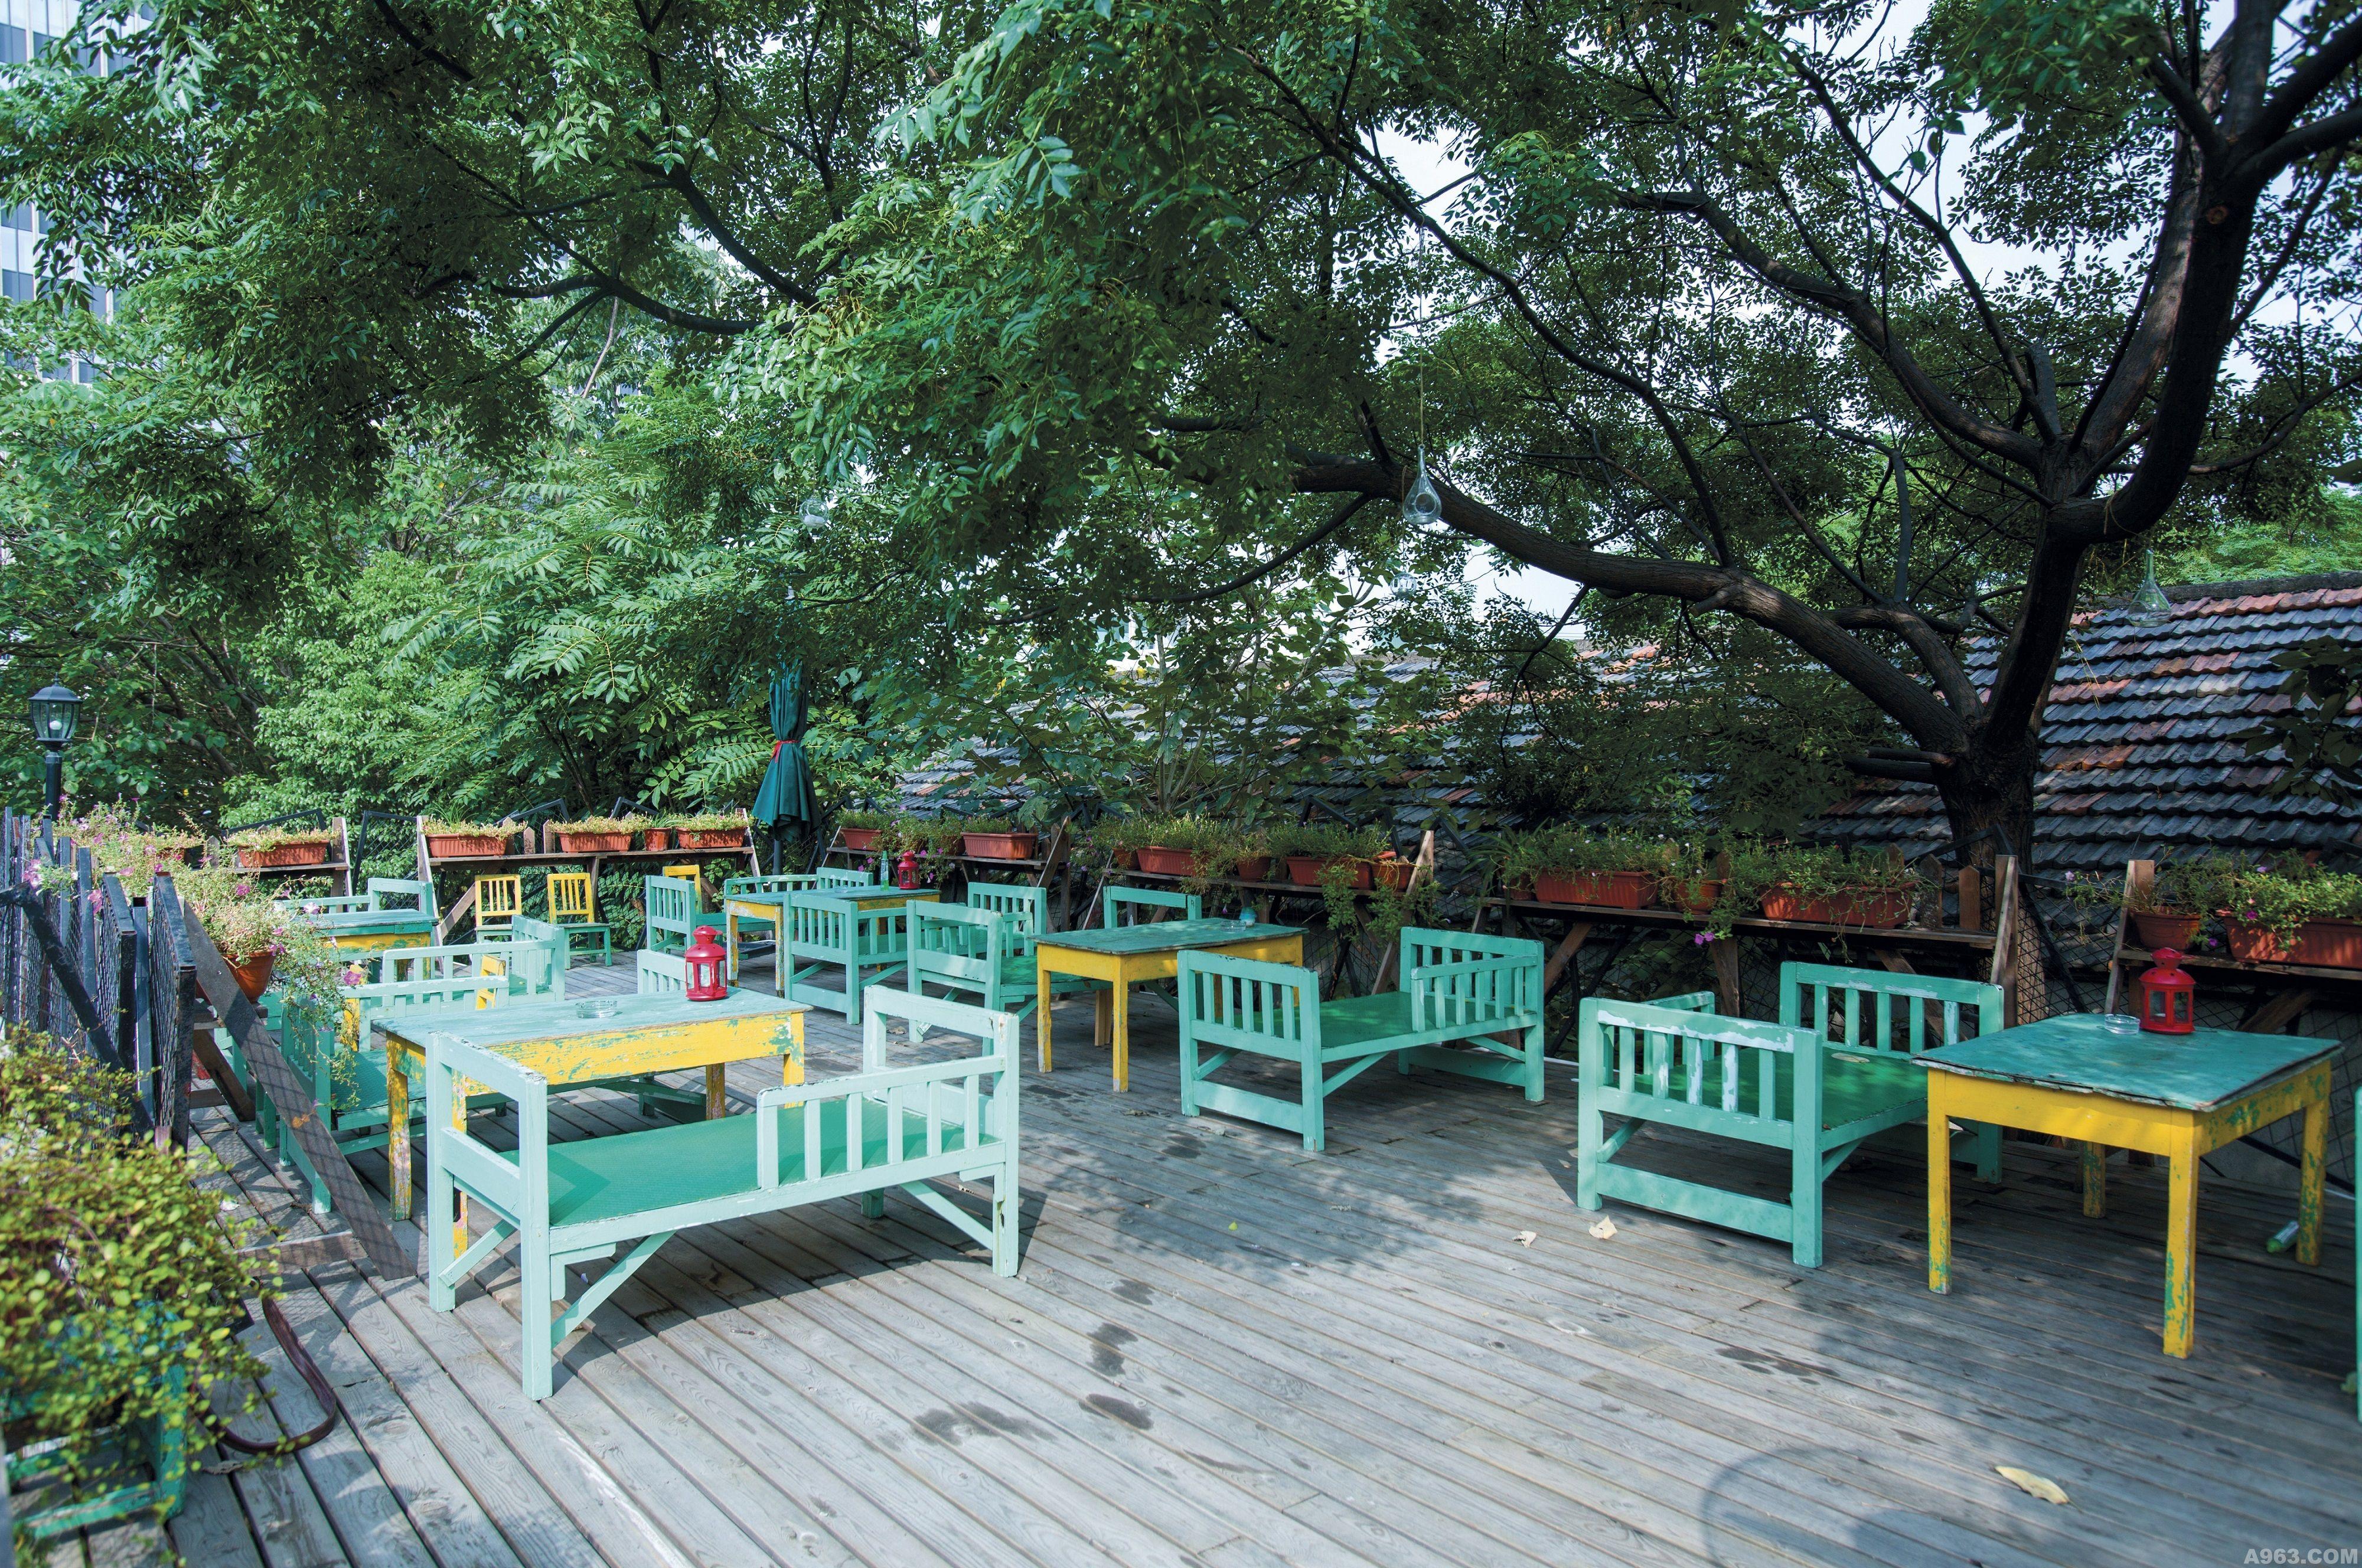 浅绿咖啡小院 - 餐饮空间 - 第2页 - 刘宏裕设计作品